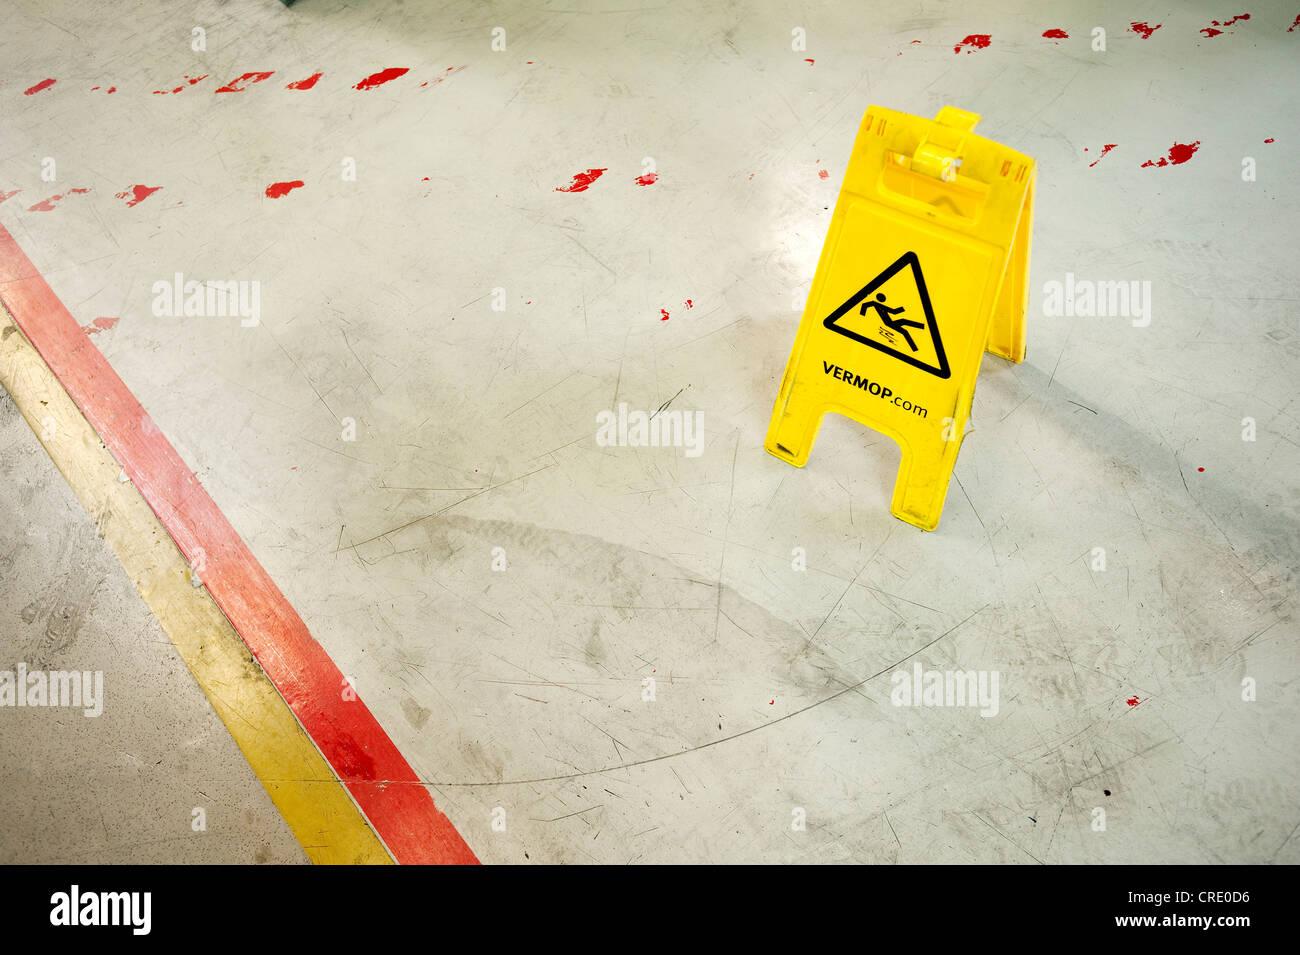 Precaución VERMOP resbaladizo, señal de advertencia Imagen De Stock